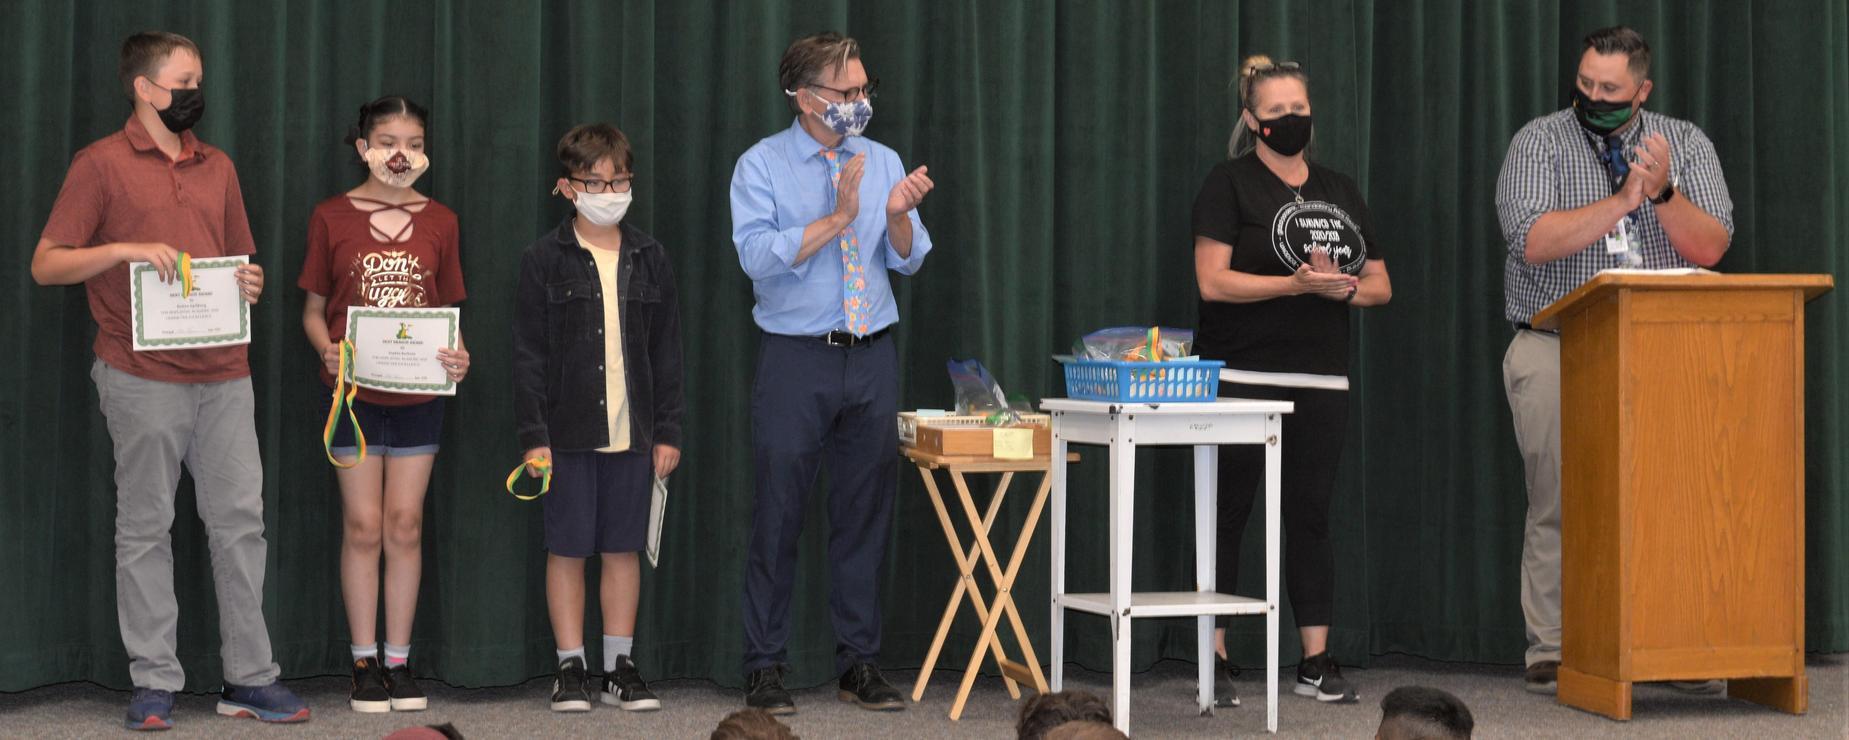 5th grade awards assembly